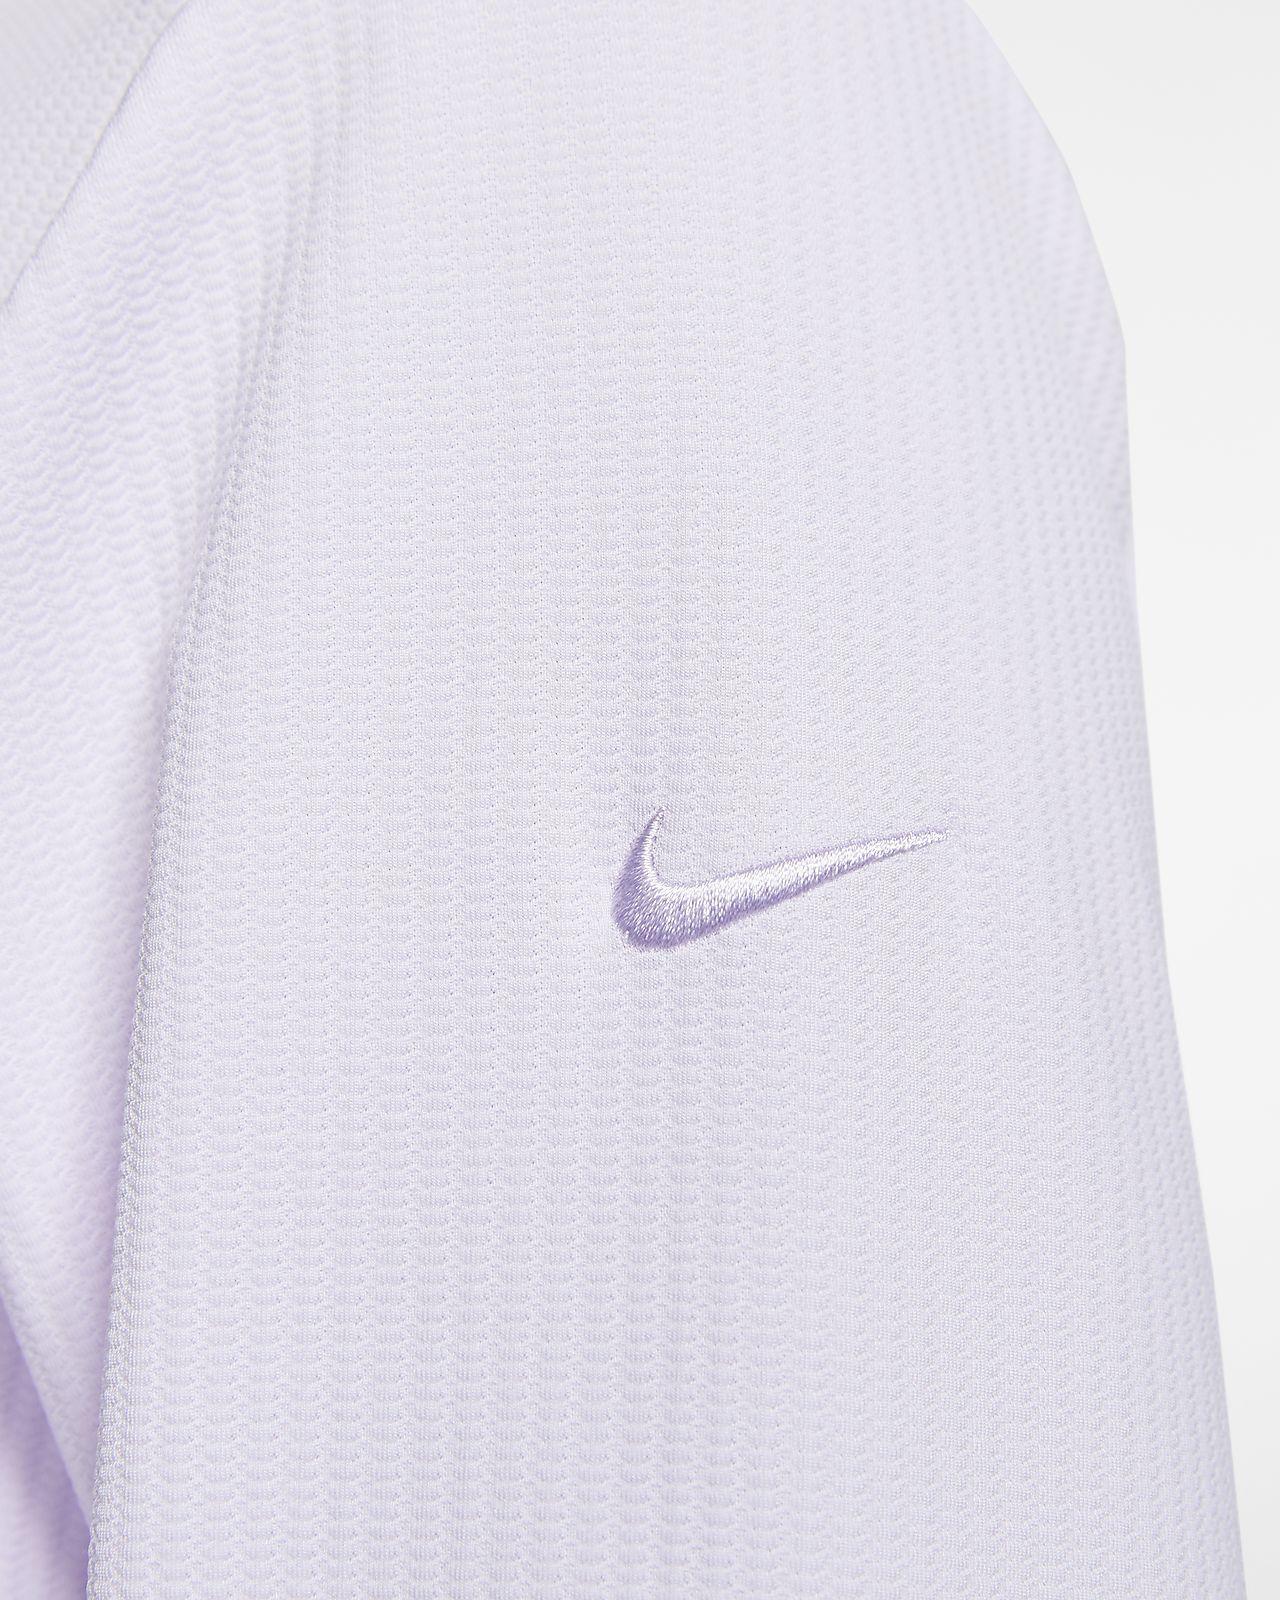 Casaco de golfe com fecho completo Nike Dri FIT UV Victory para mulher